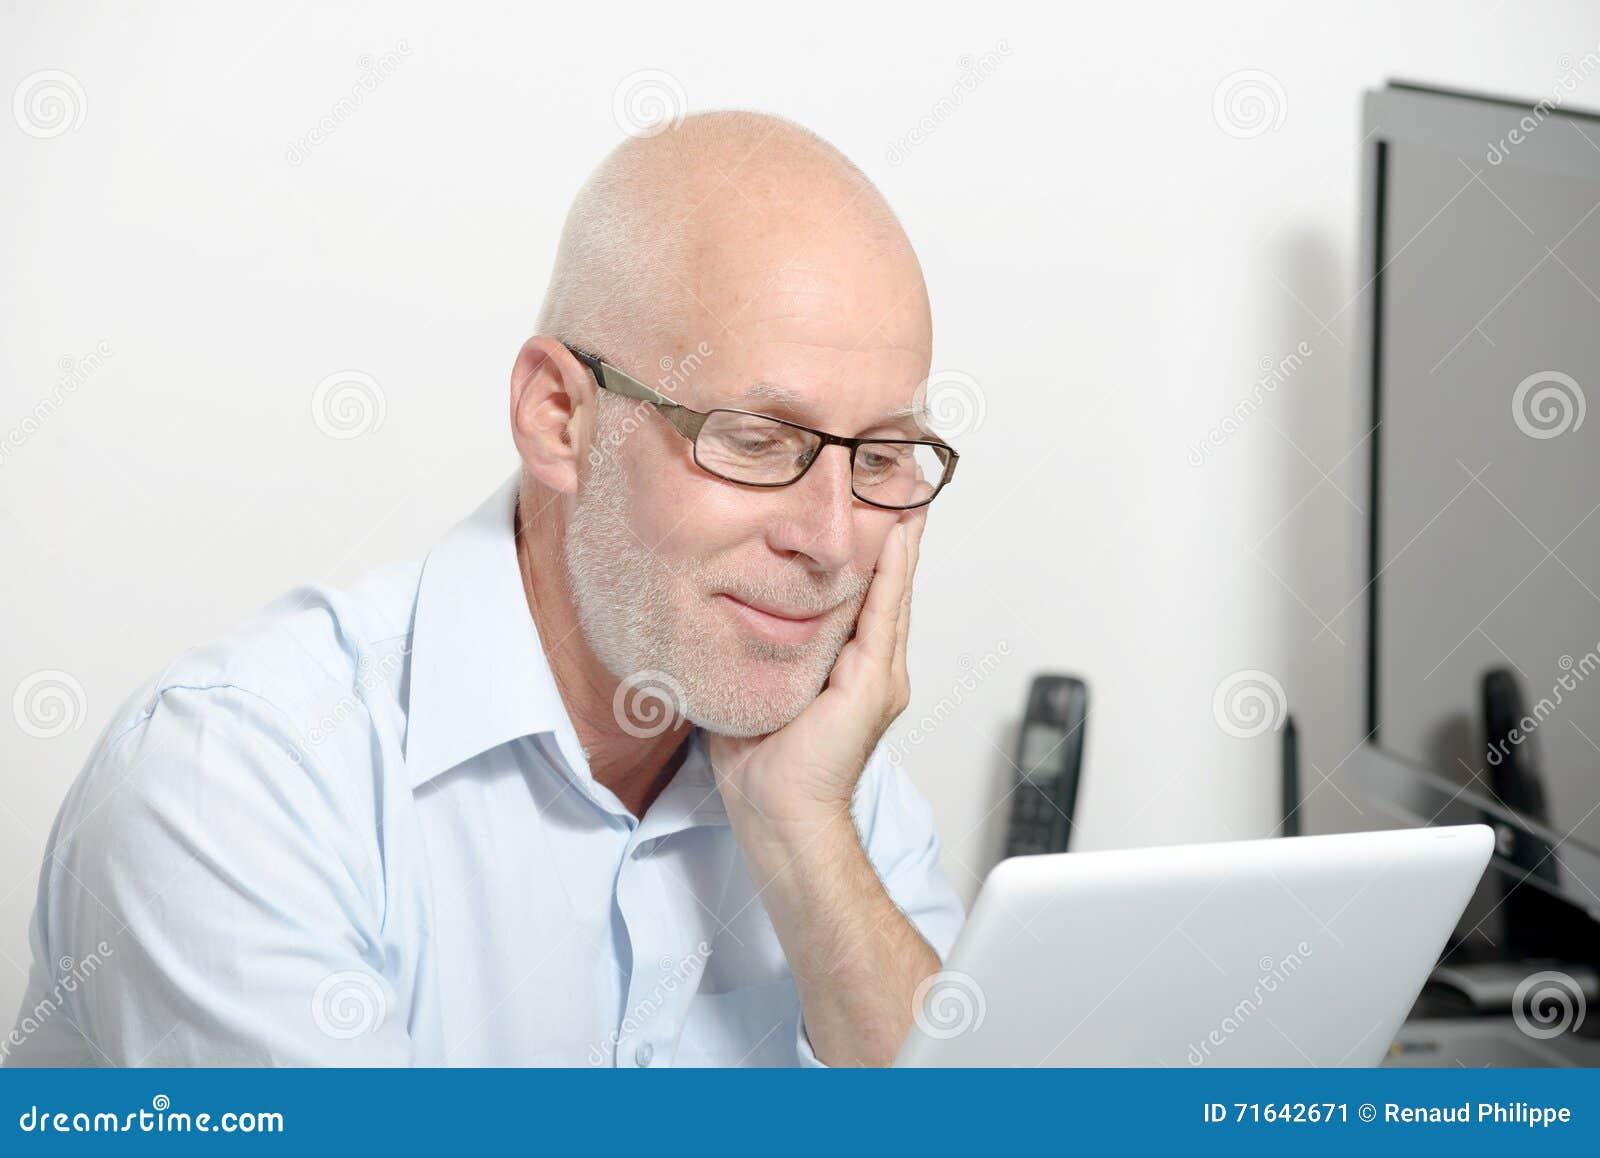 Portret van een mens op middelbare leeftijd met een digitale tablet